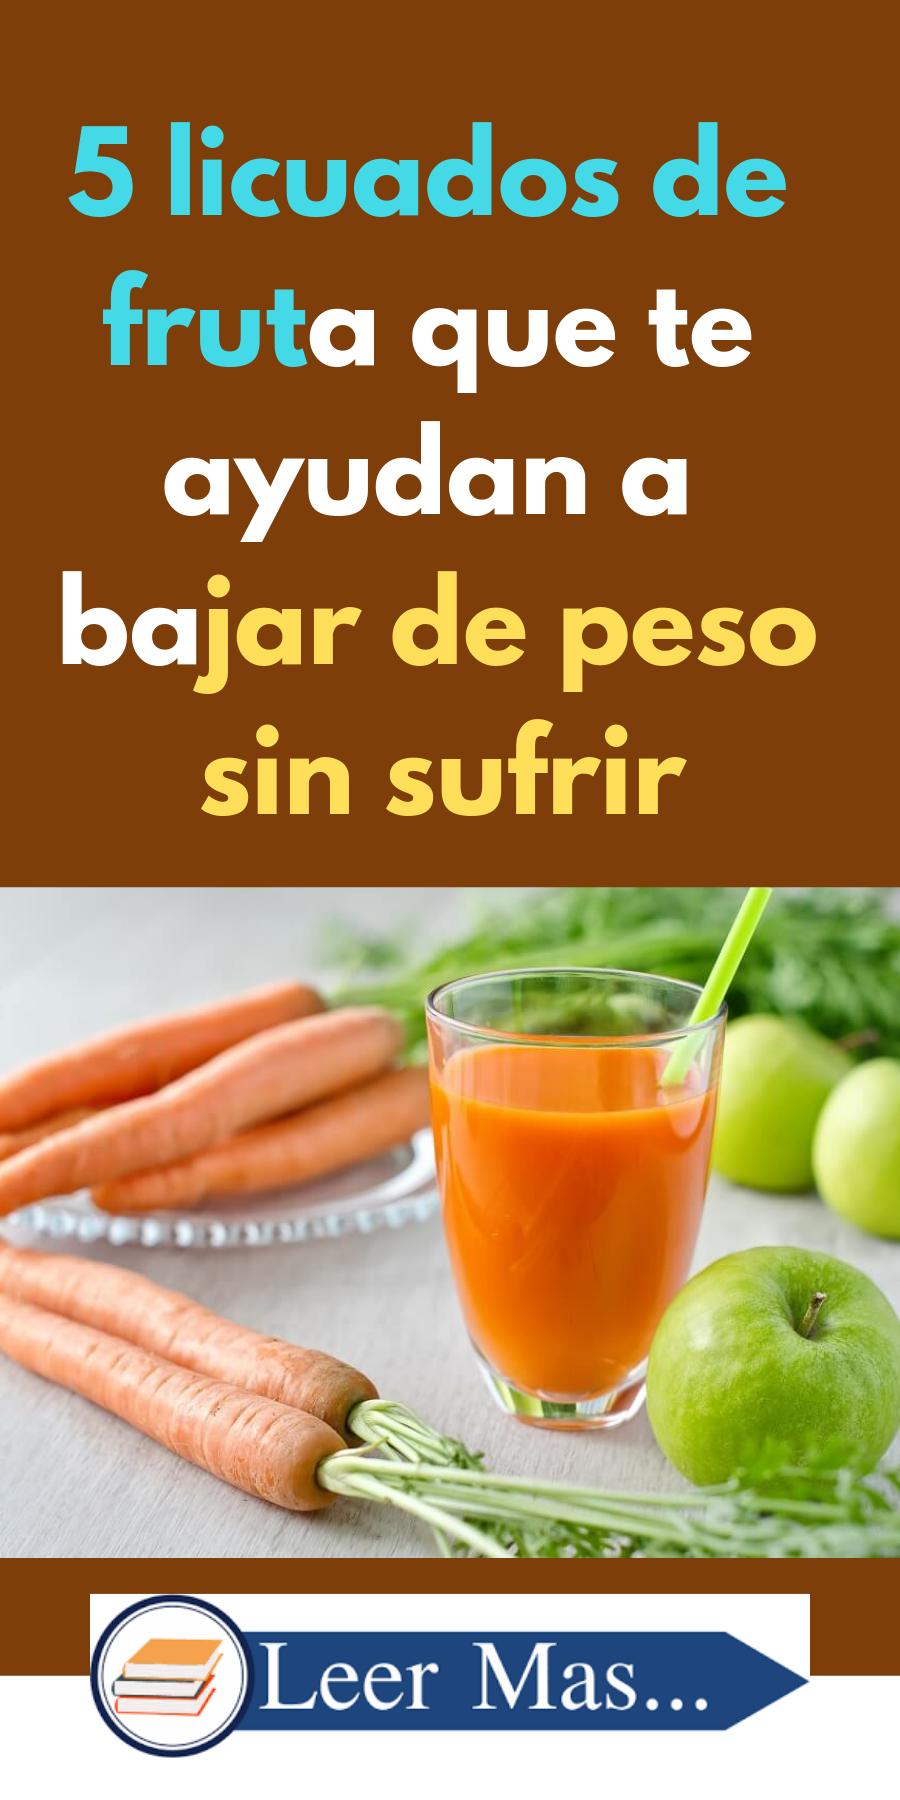 5 Licuados De Fruta Que Te Ayudan A Bajar De Peso Sin Sufrir Licuados De Frutas Recetas De Licuados De Frutas Bebida Para Quemar Grasa